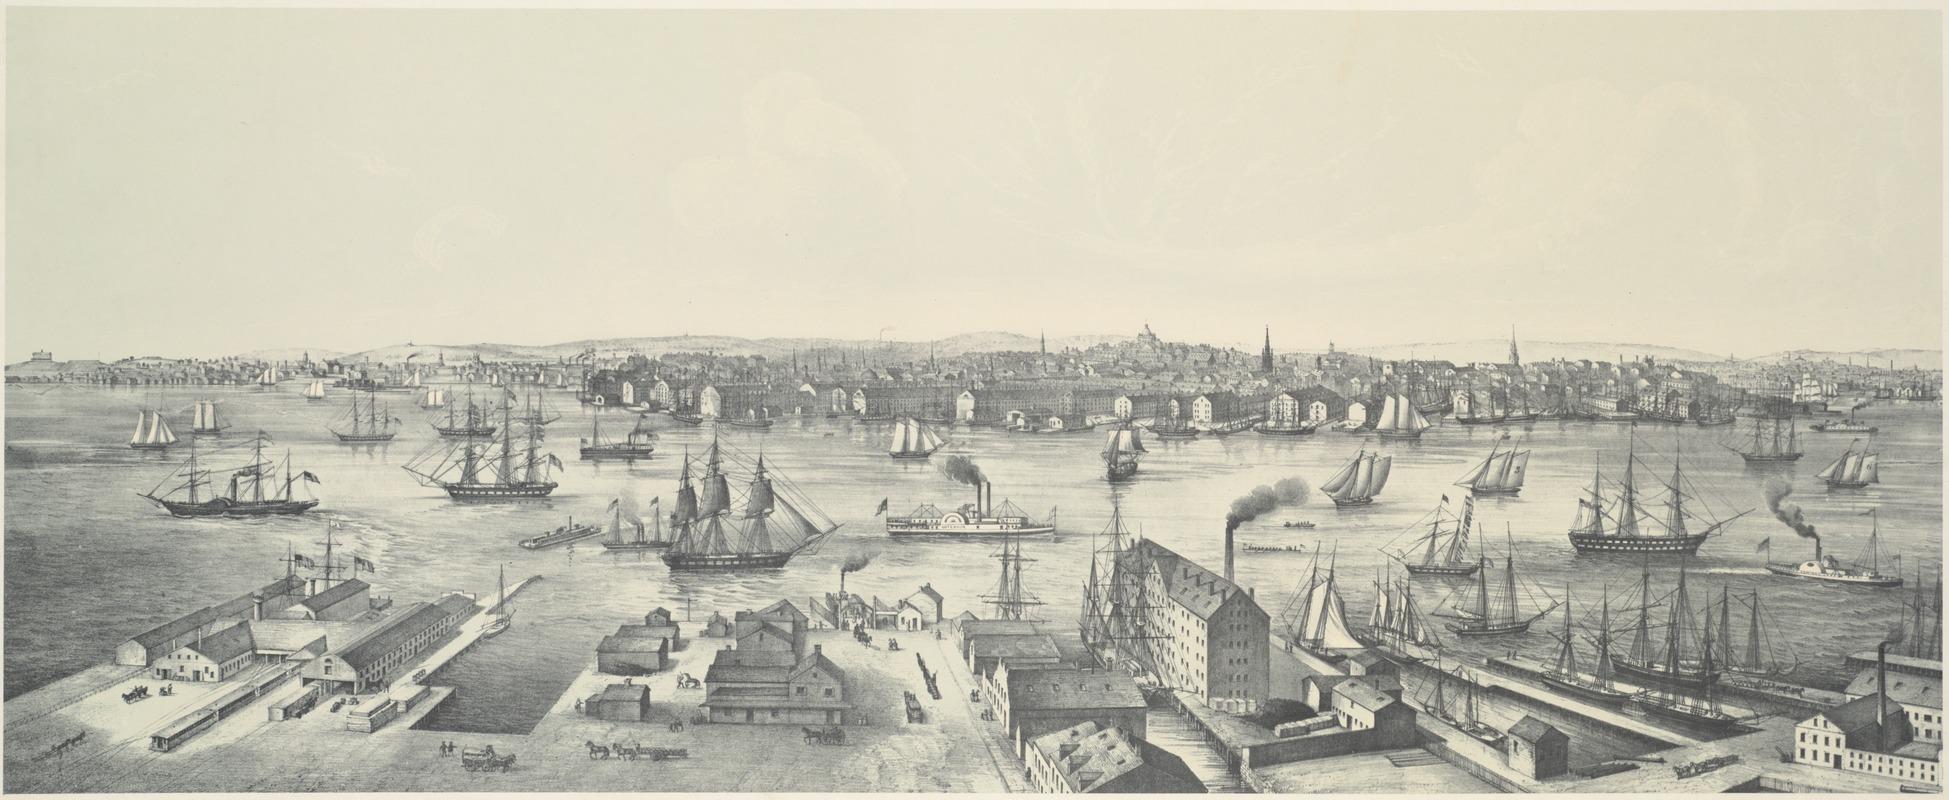 View of Boston 1848